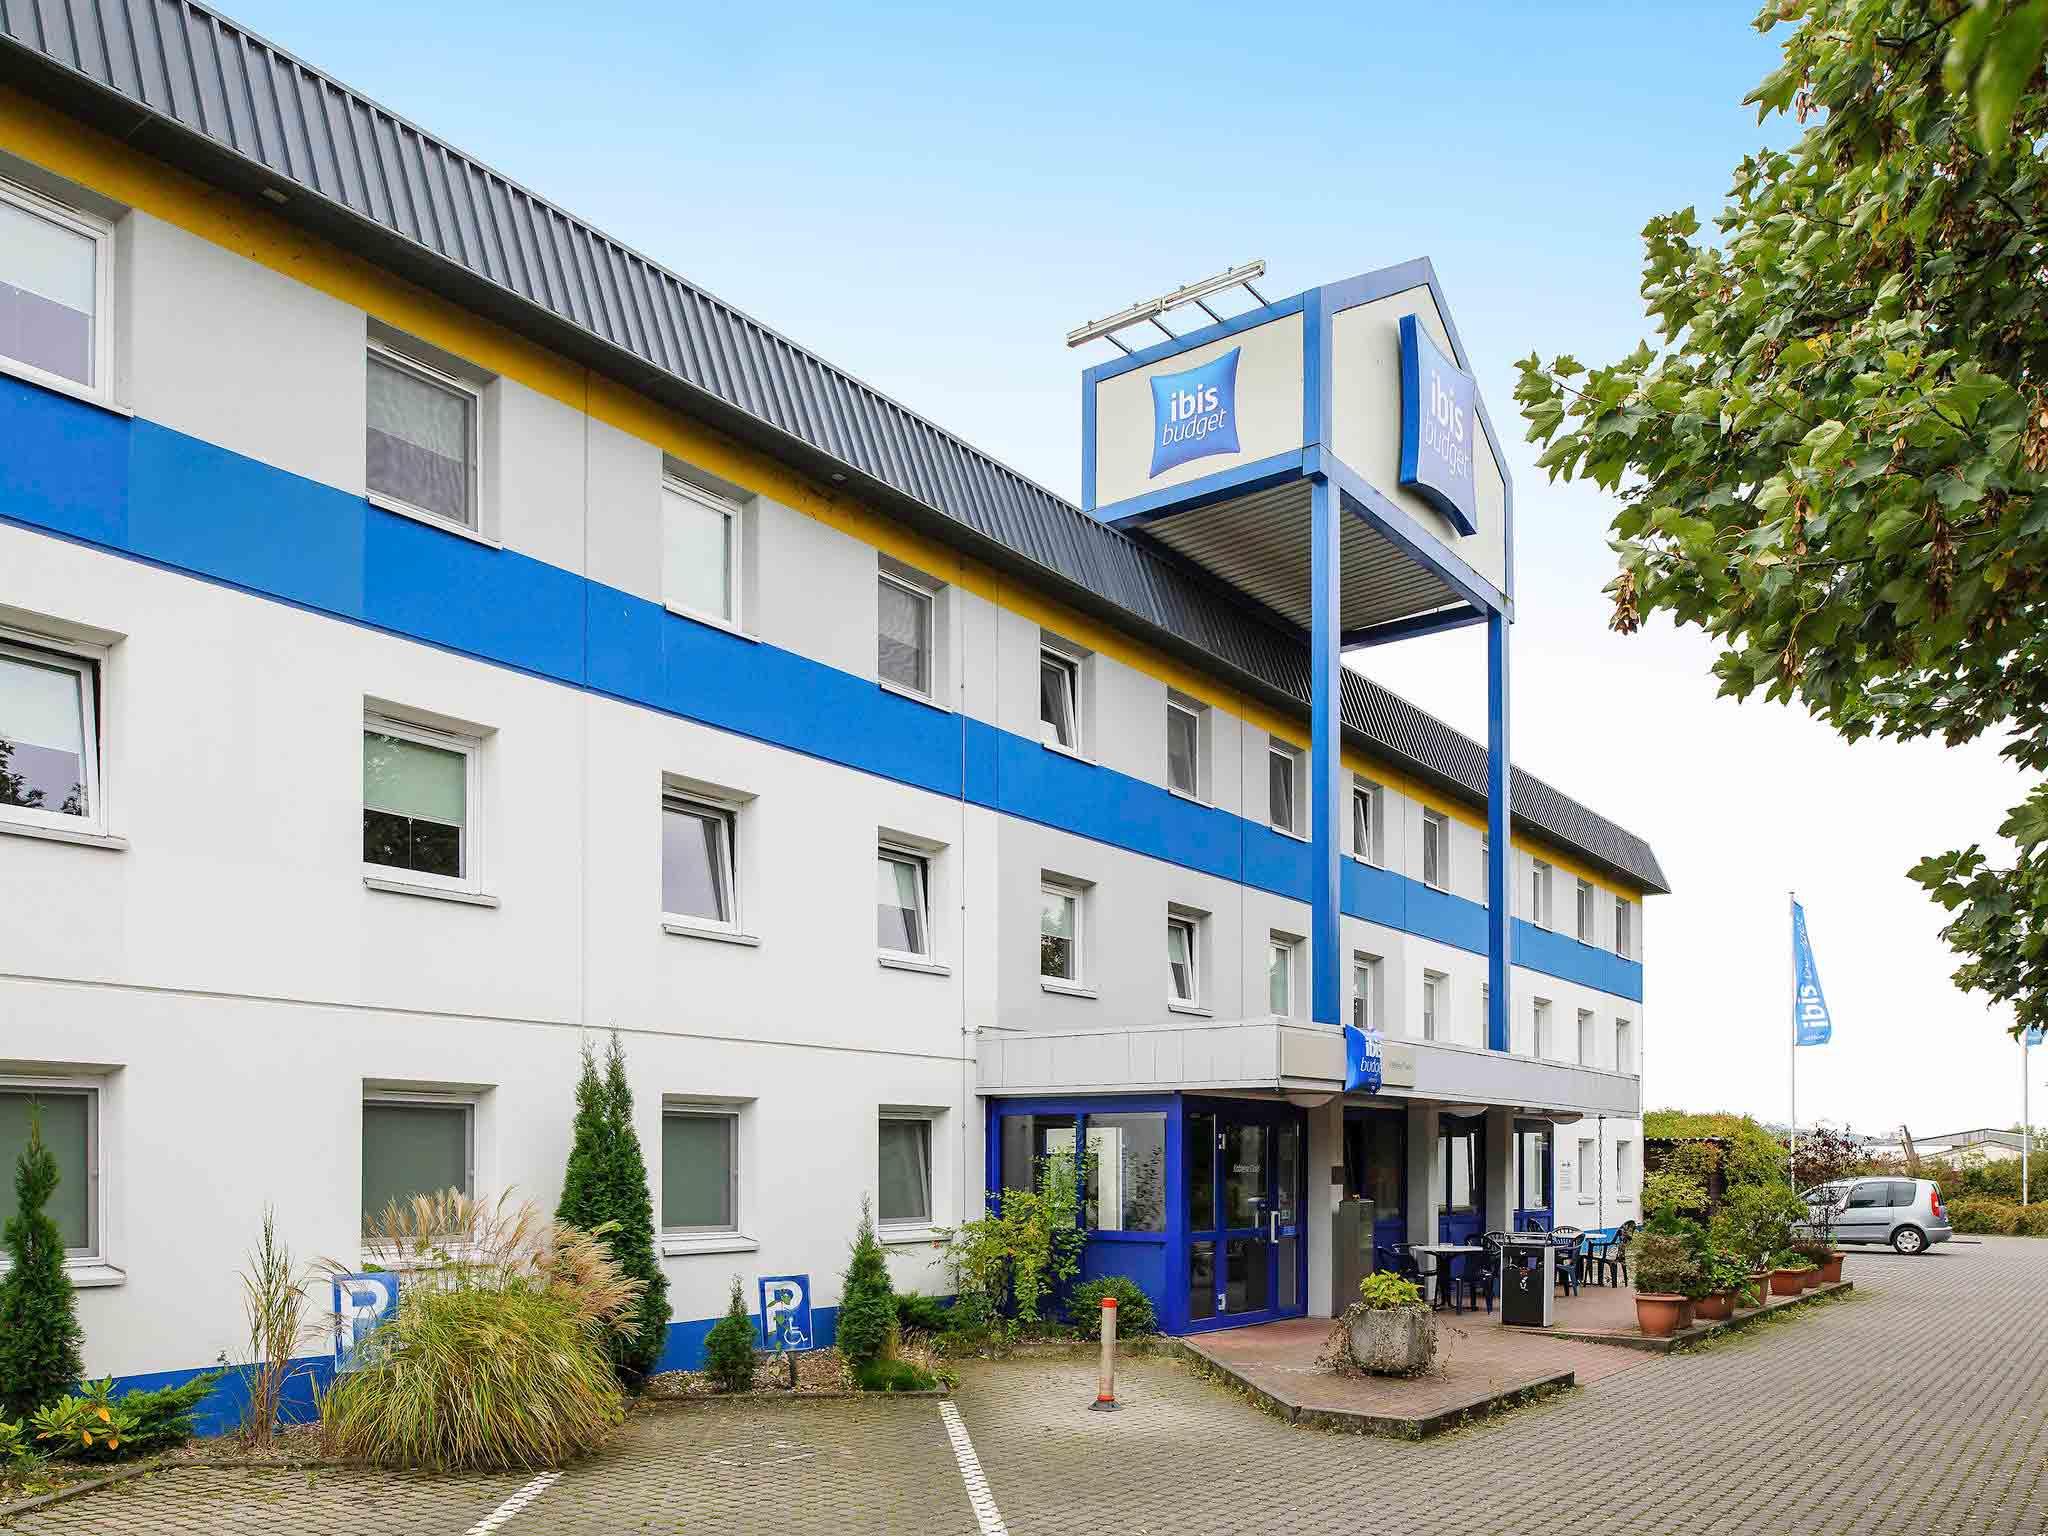 hotel in m lheim kaerlich ibis budget koblenz nord. Black Bedroom Furniture Sets. Home Design Ideas